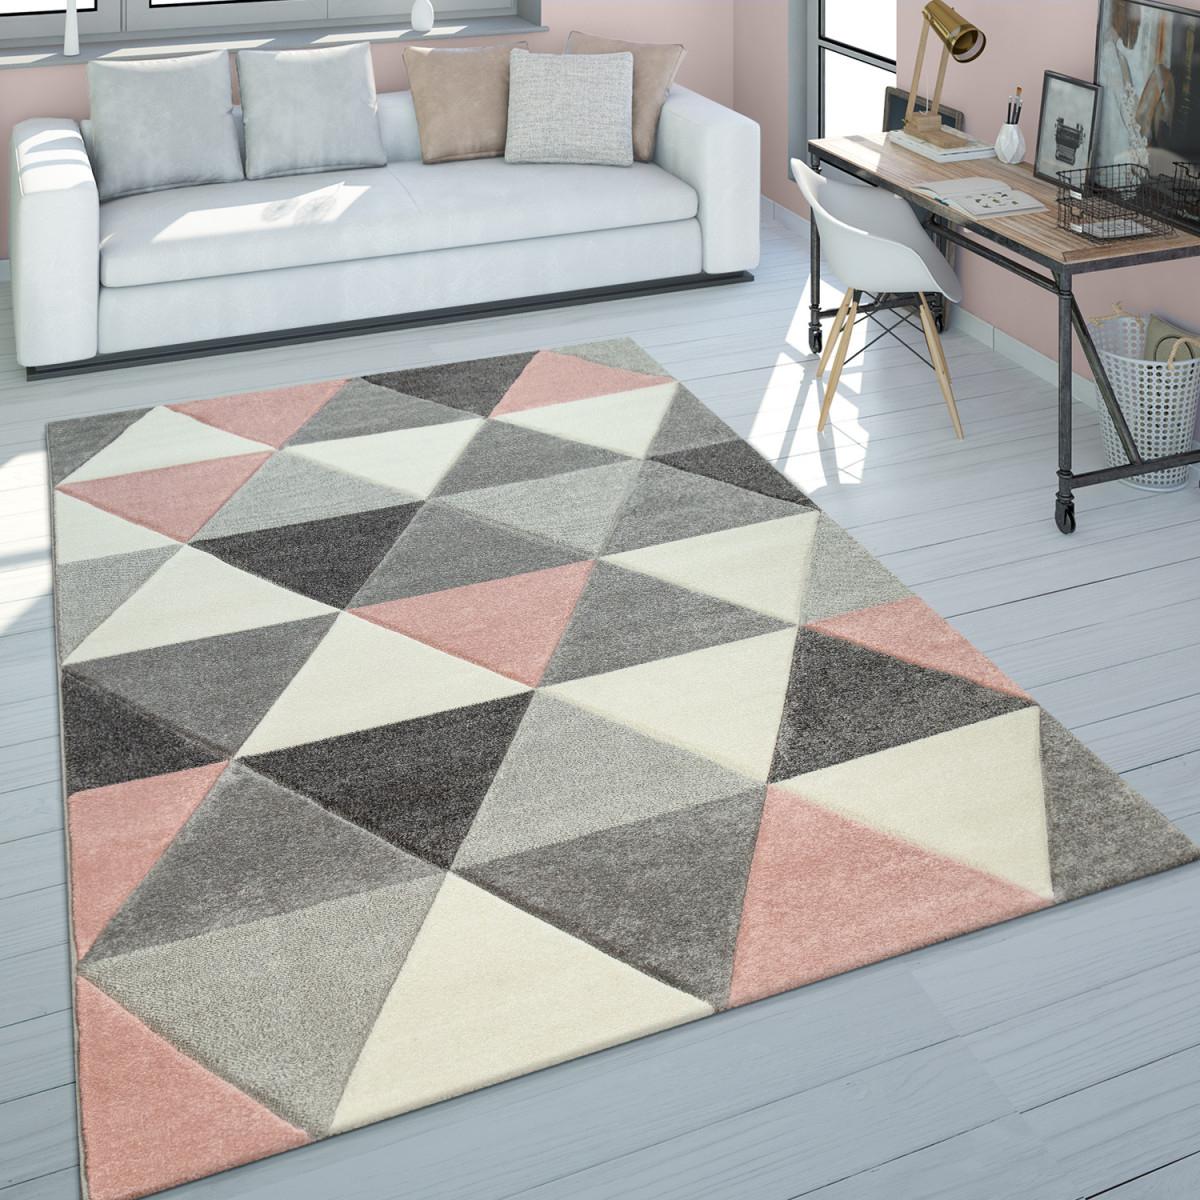 Details Zu Teppich Wohnzimmer Rosa Grau Pastellfarben 3D Design Dreieck  Muster Kurzflor von Wohnzimmer Teppich Grau Rosa Bild